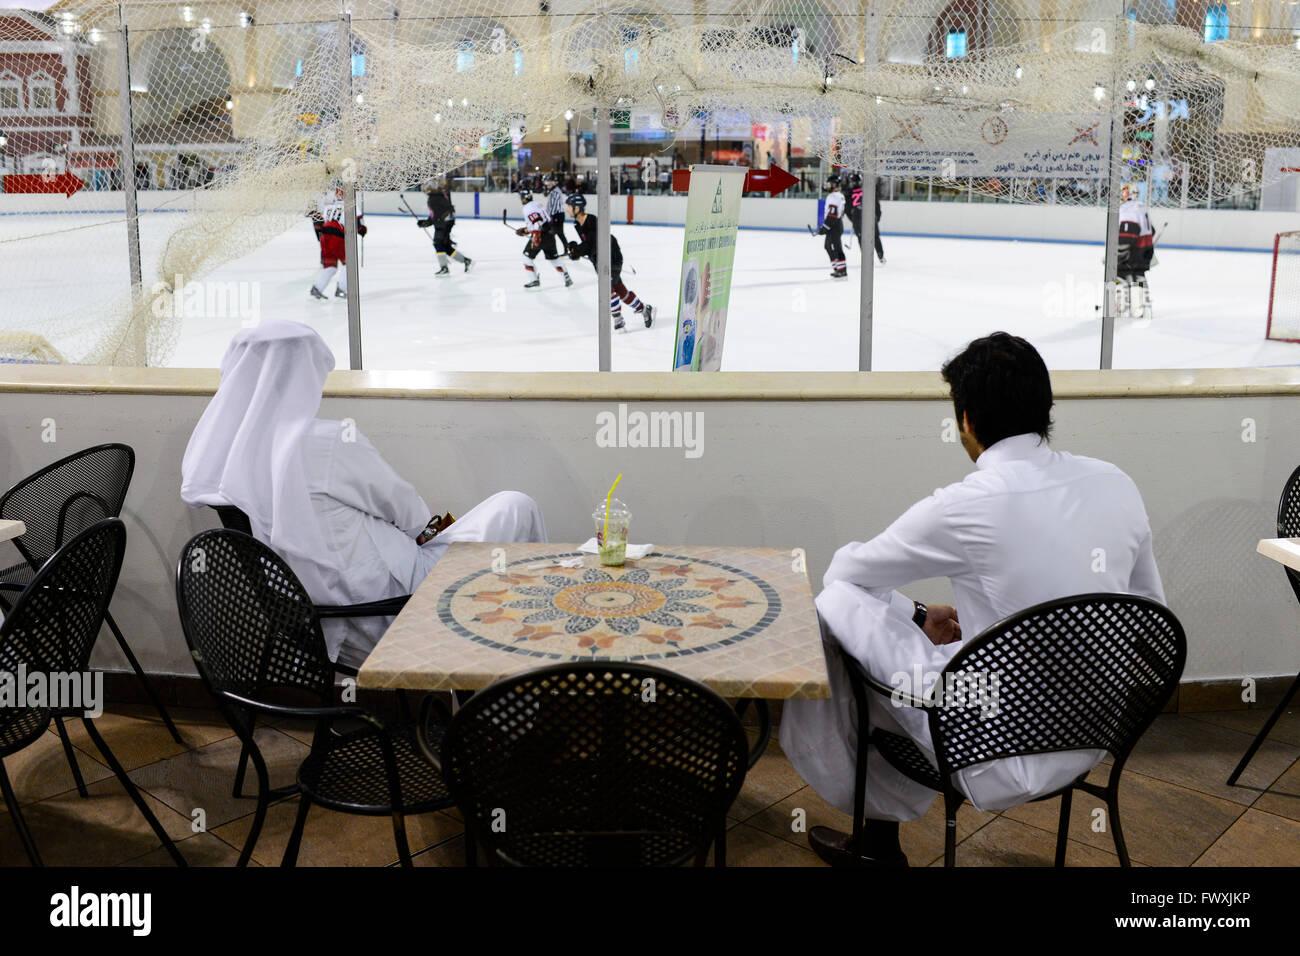 Il Qatar Doha, aspirano Zona, Villaggio Mall shopping mall con il pattinaggio su ghiaccio, massa sceicchi osservando Immagini Stock